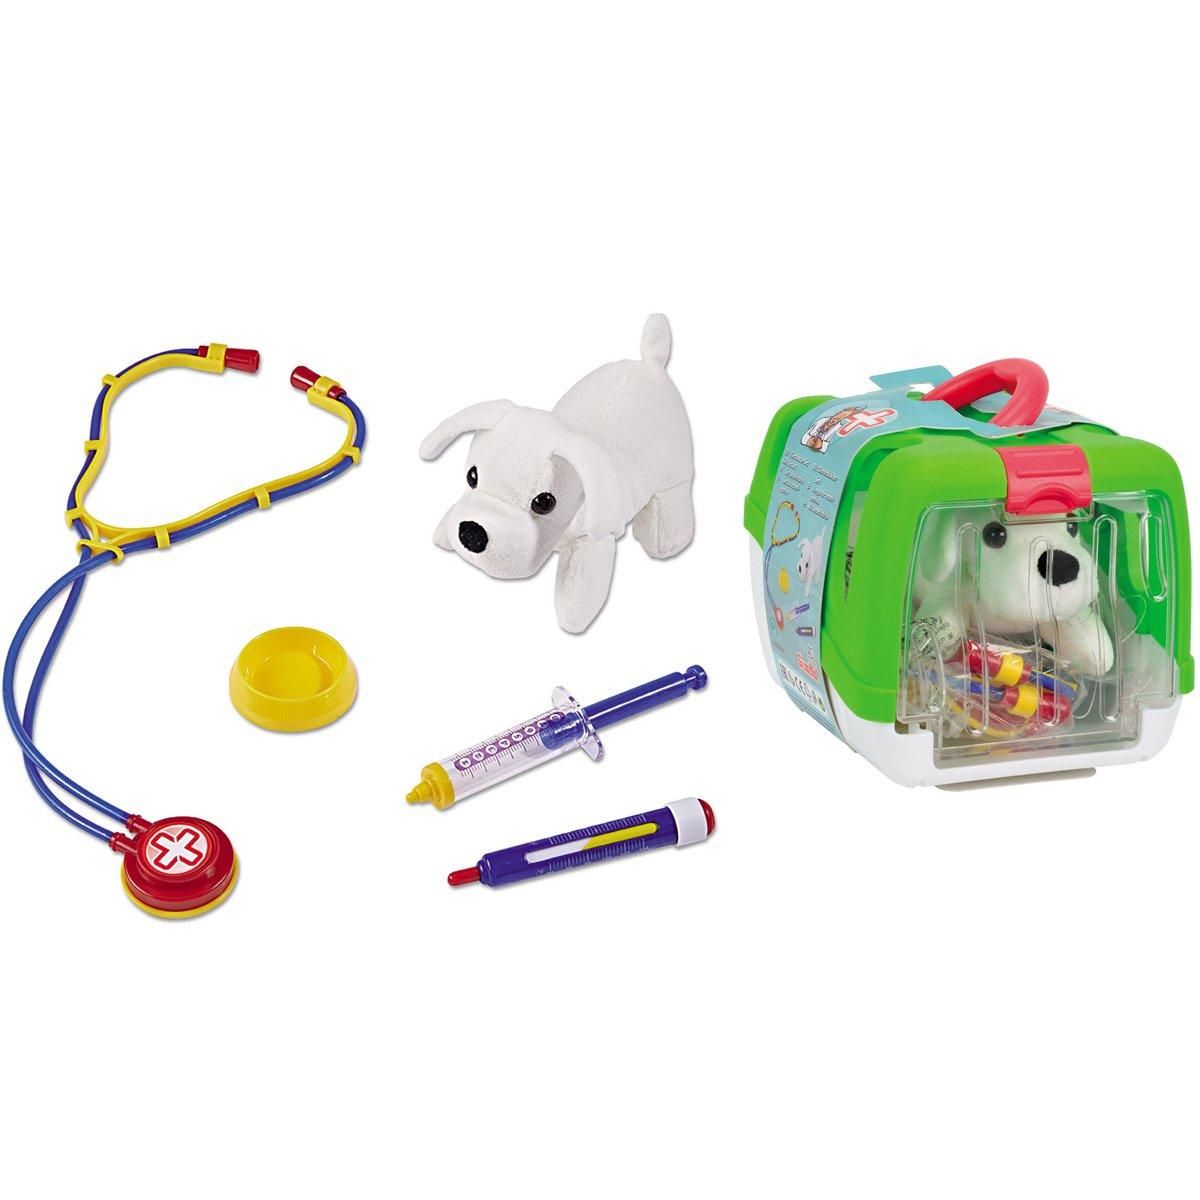 19 cm /• Tierarzt Koffer Zubeh/ör Hundedoktor Arzt Tierarztkoffer Kinder Spielzeug Arztkoffer #0618 Doktorkoffer mit Hund und Zubeh/ör